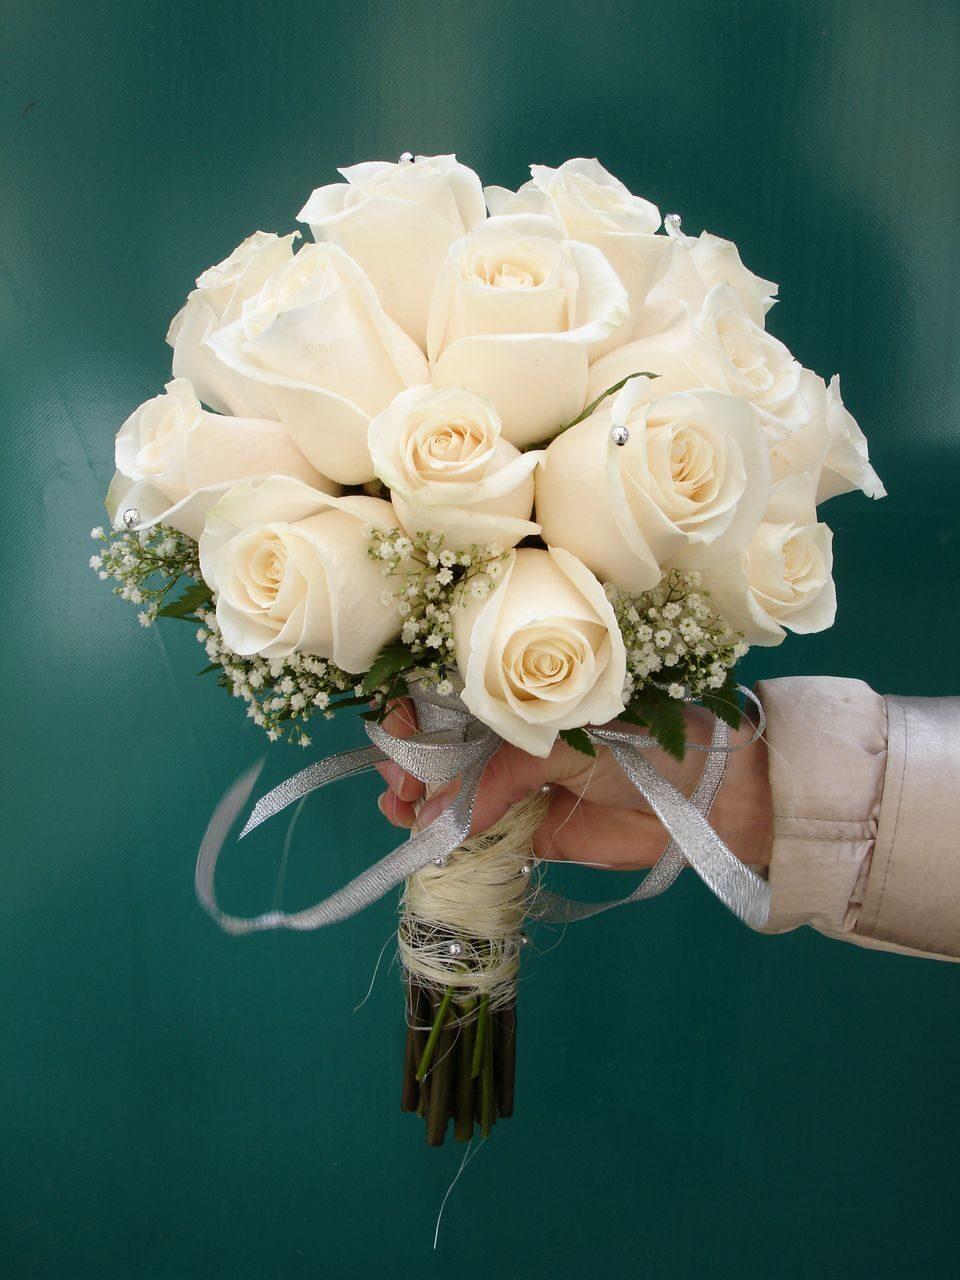 Свадебный букет только из гипсофила, купить лилии цветы цена